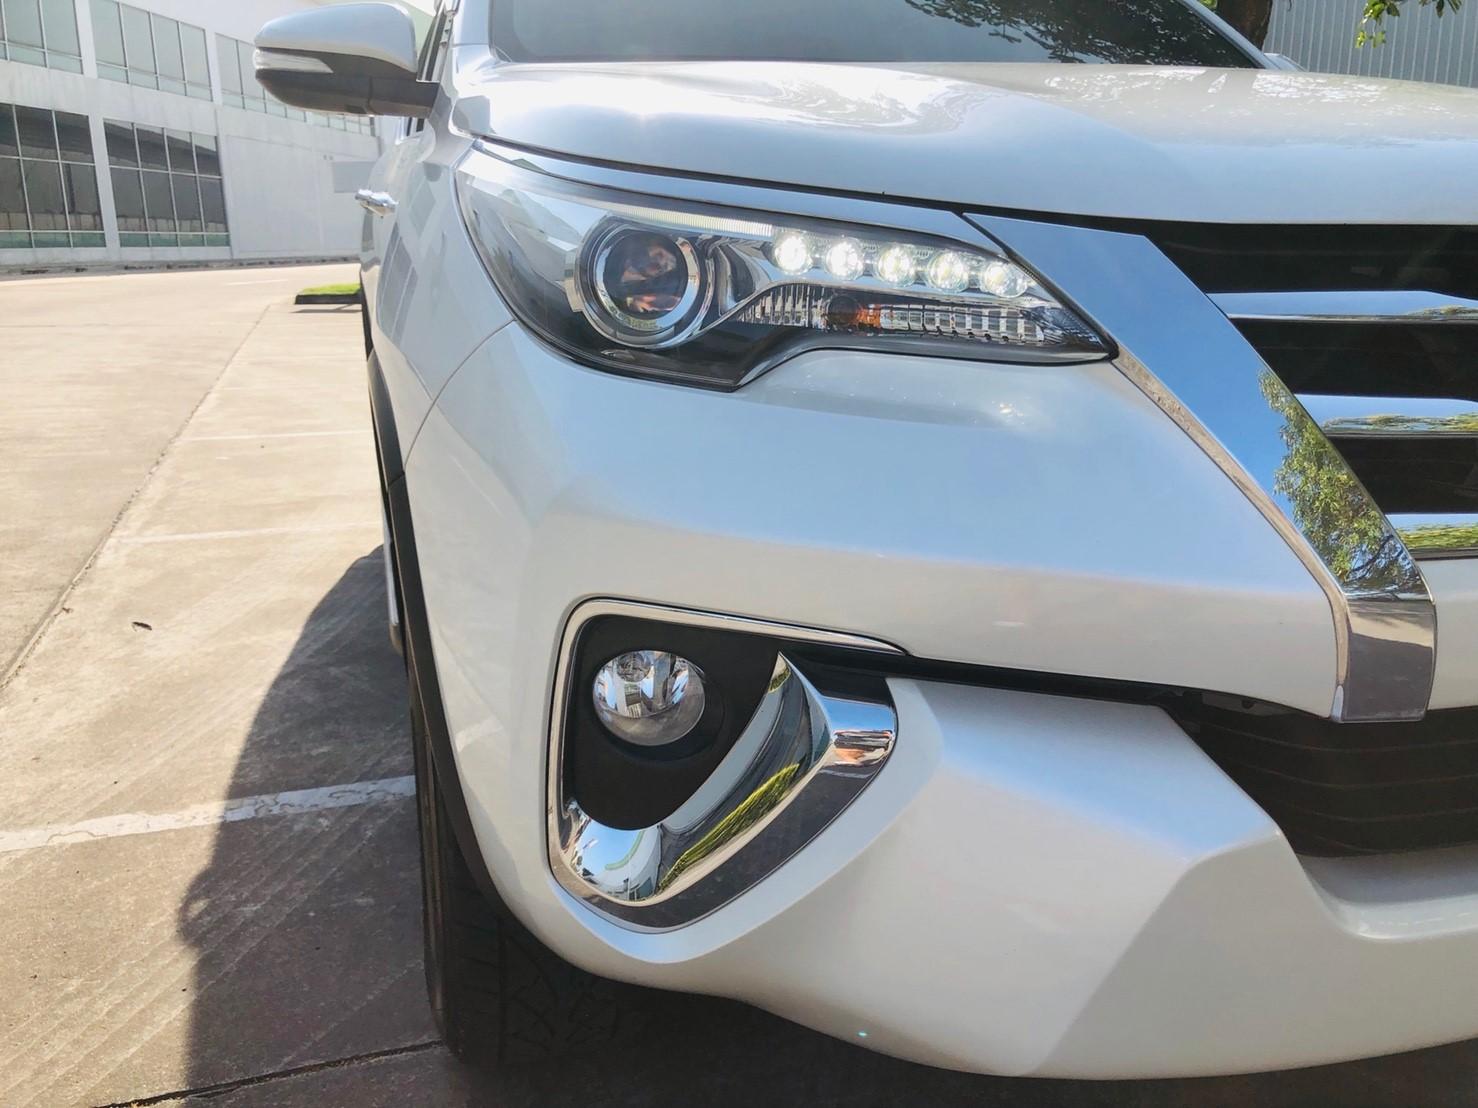 ภาพไฟหน้าแบบ LED ซีนอน โตโยต้า ฟอร์จูนเนอร์ 2.8 V 4WD ปี 2016